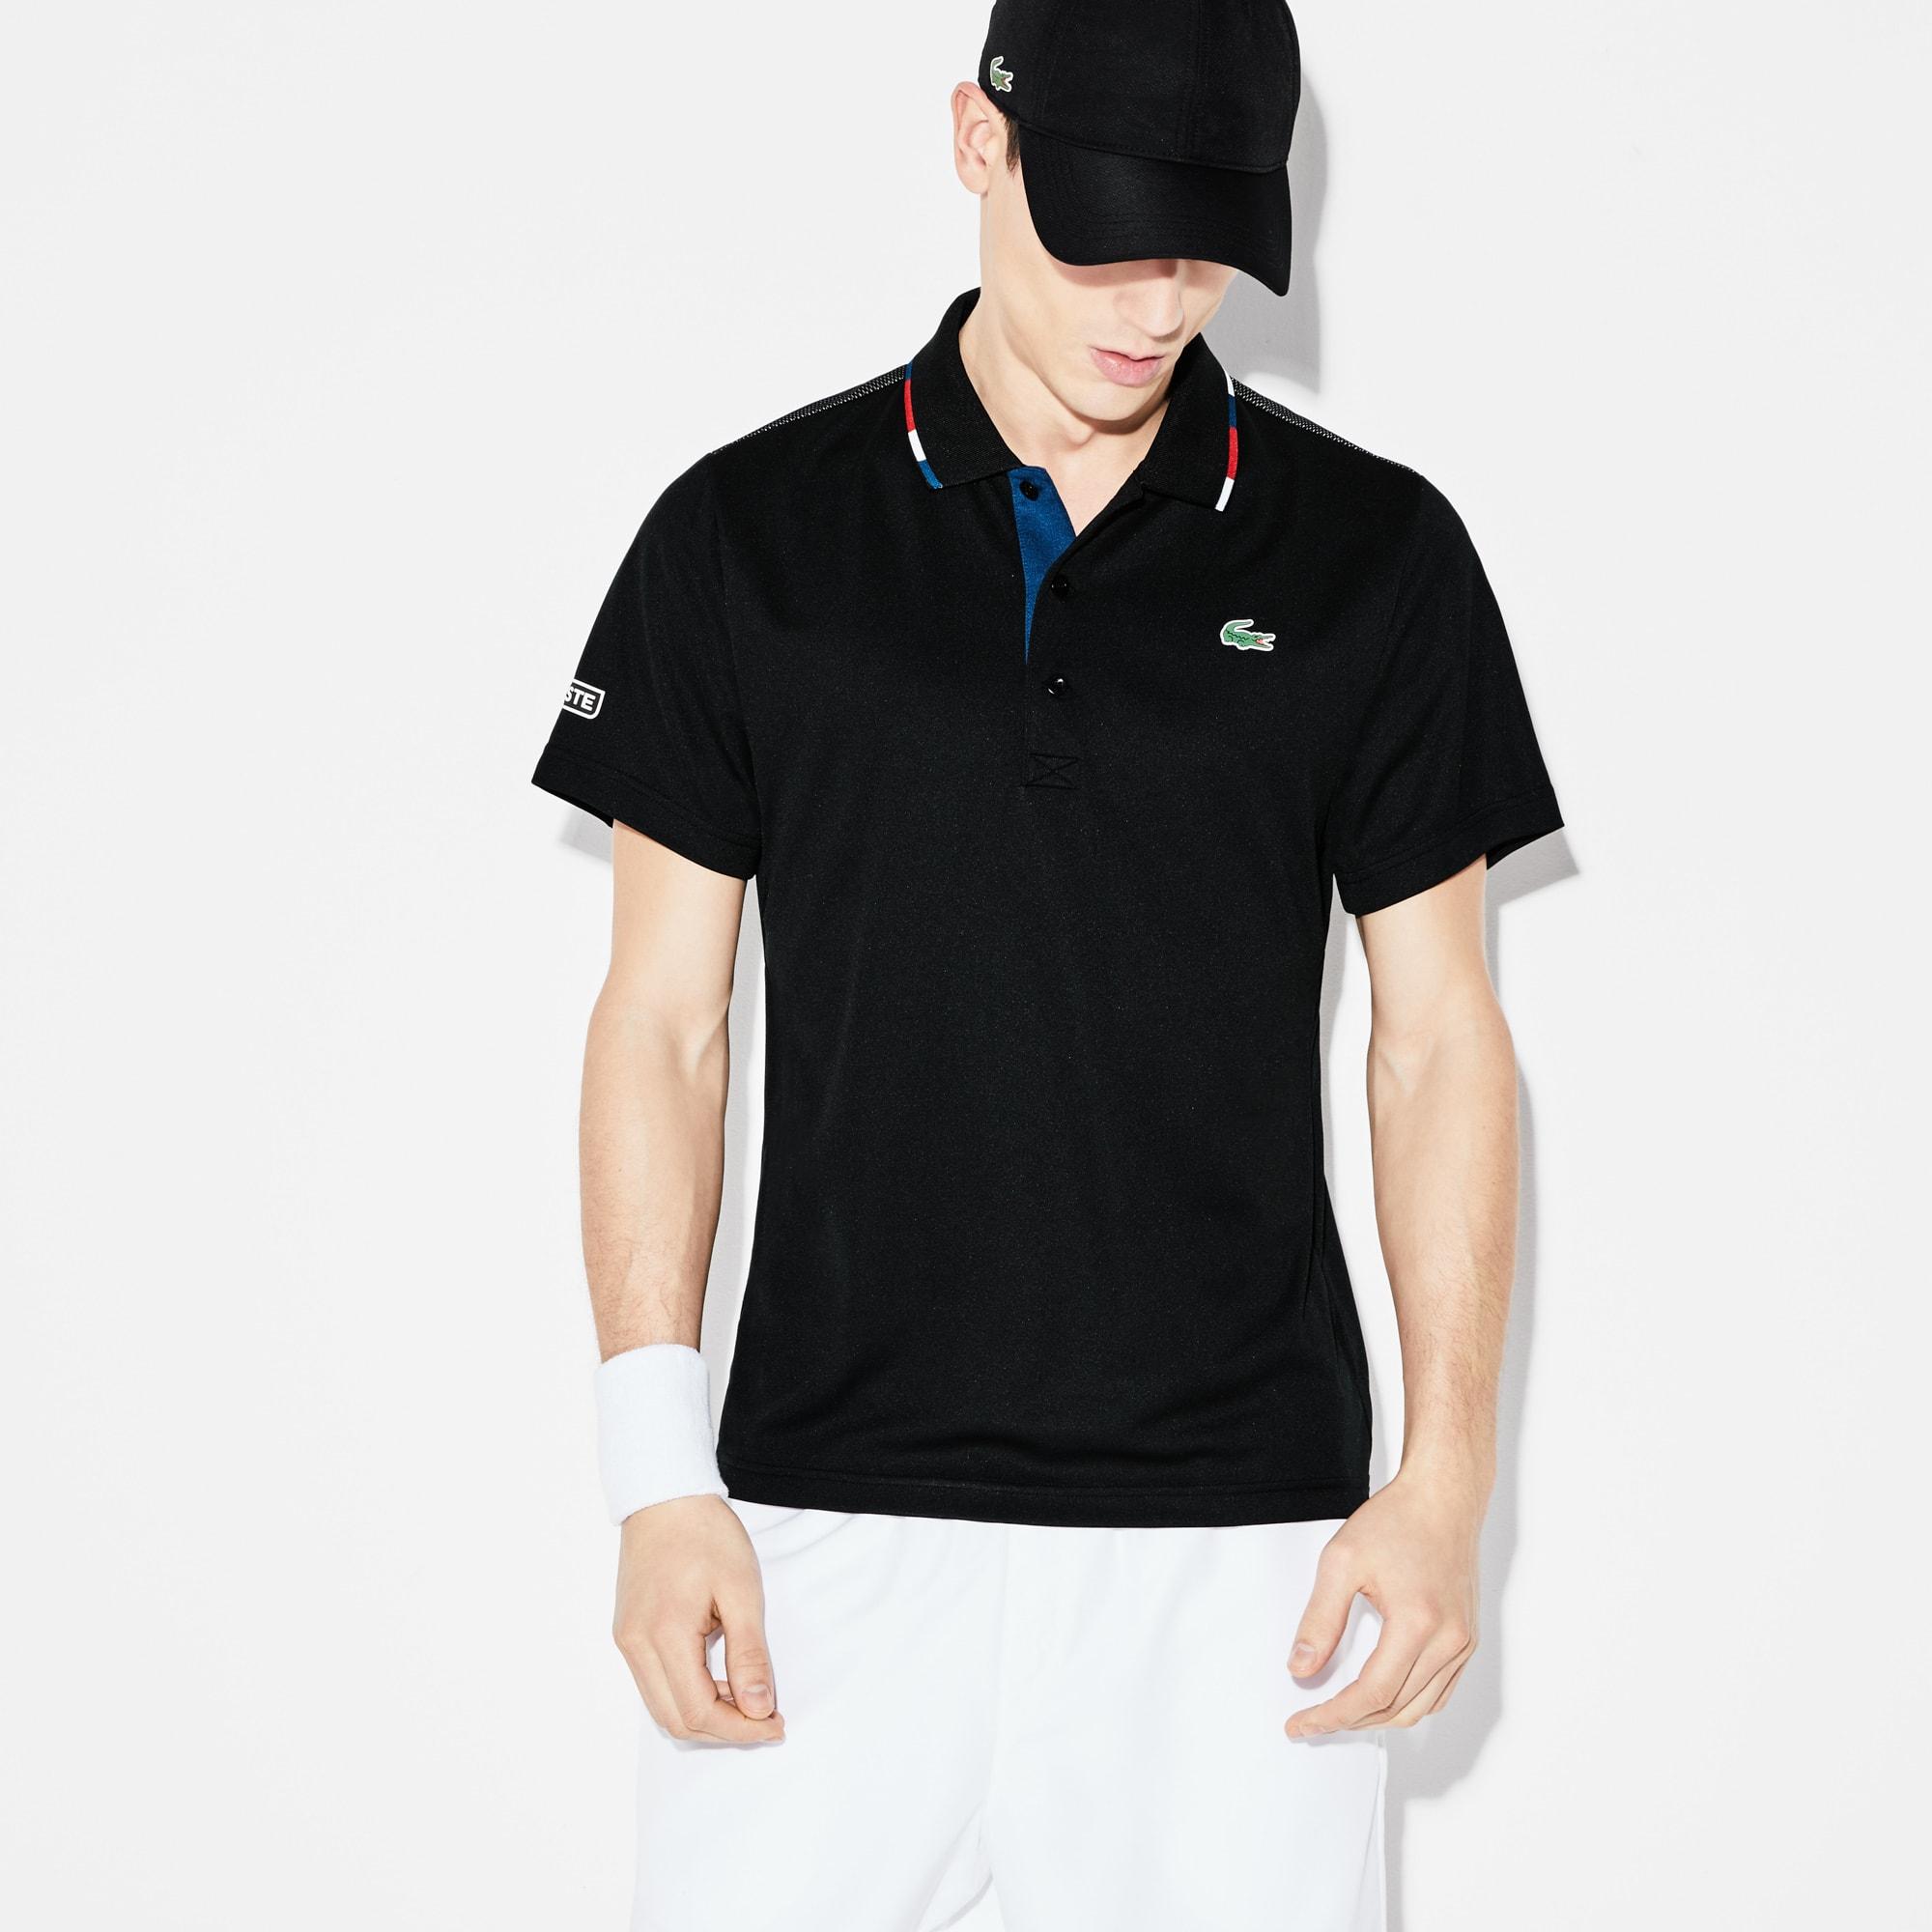 Men's Lacoste SPORT Piped Technical Piqué Tennis Polo Shirt